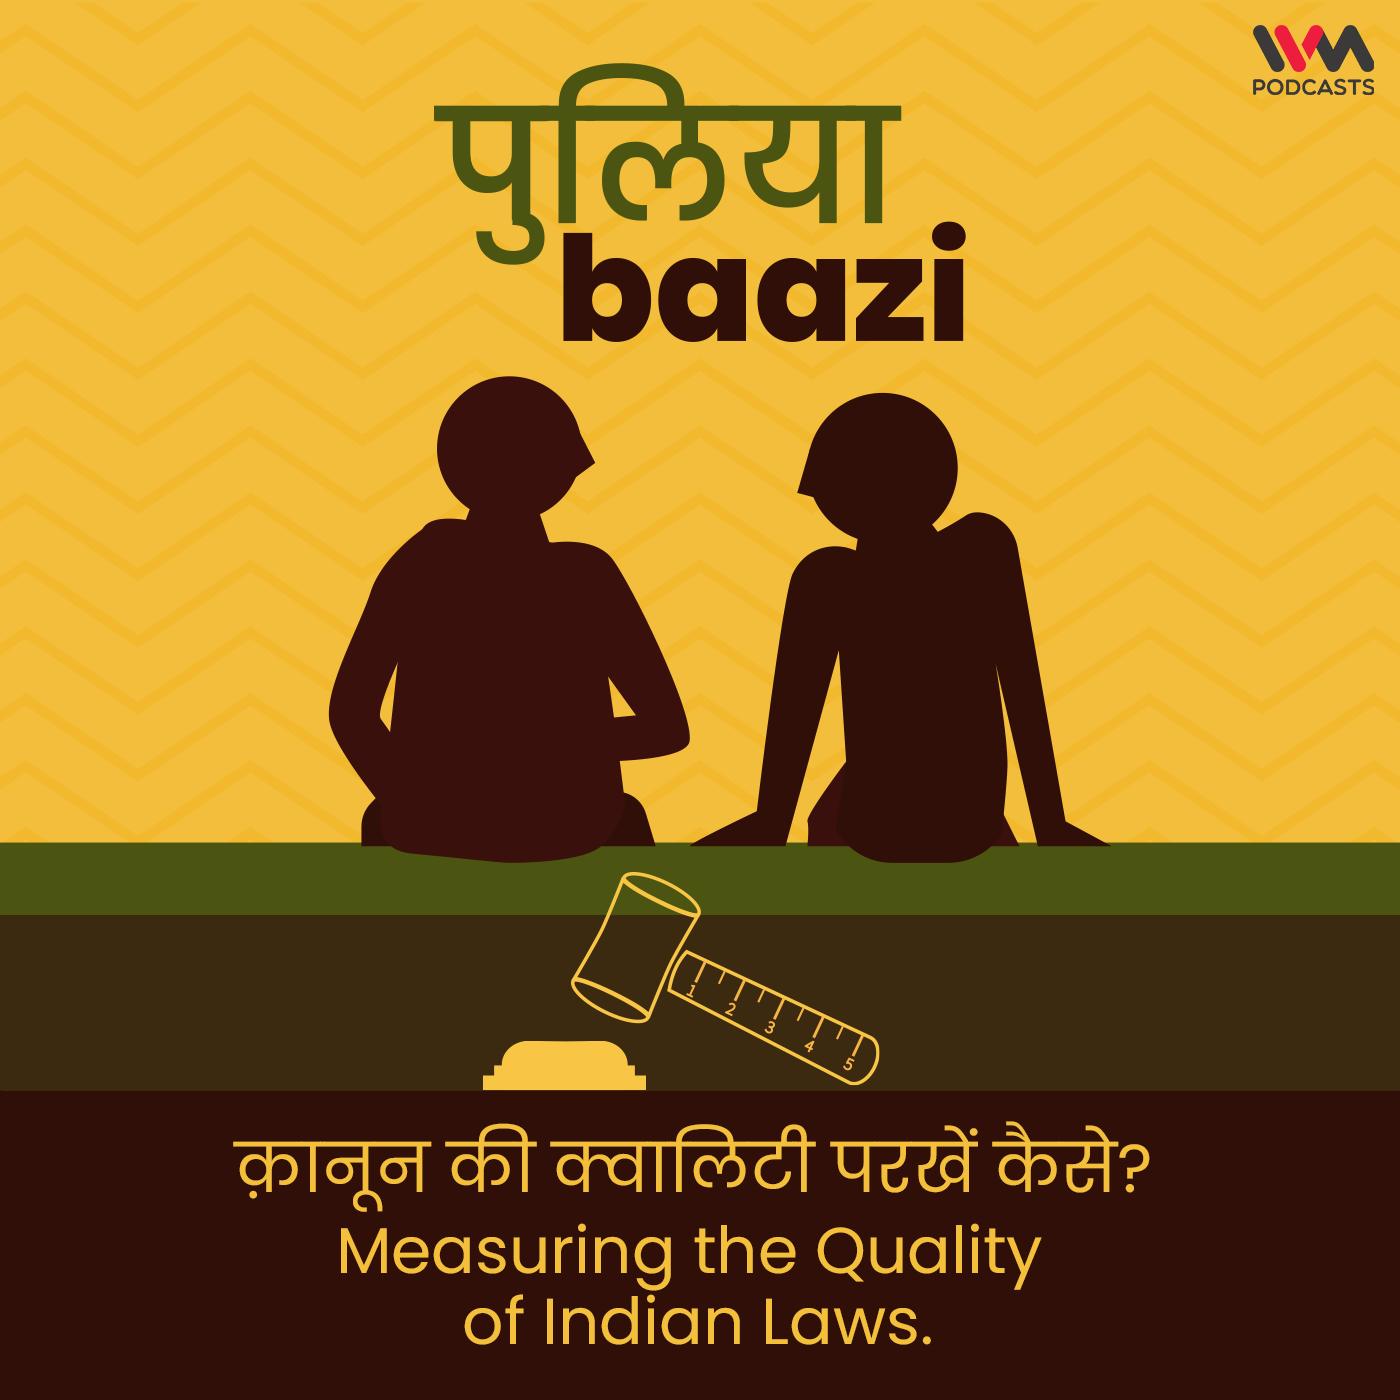 Ep. 95: क़ानून की क्वालिटी परखें कैसे? Measuring the Quality of Indian Laws.